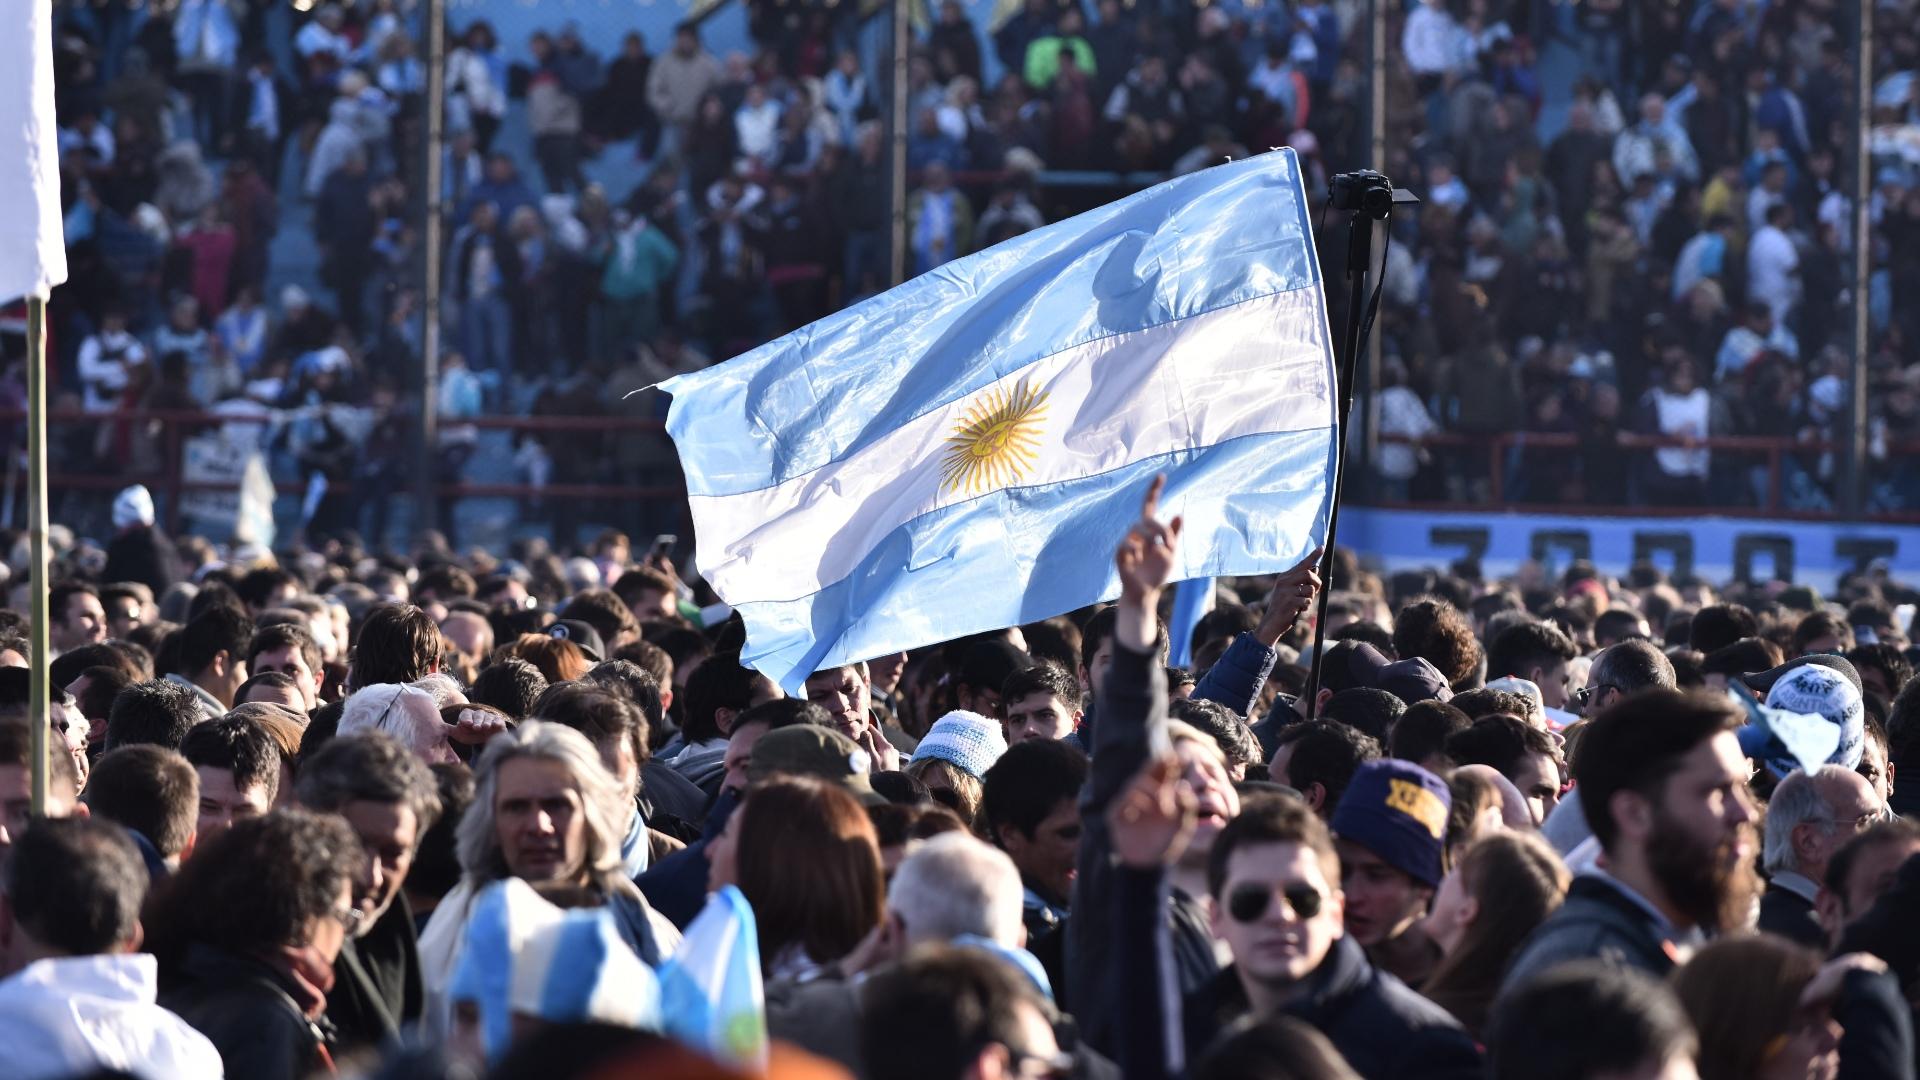 Los organizadores estimaron que se concentraron cerca de 60 mil personas en el estadio y sus alrededores (Adrián Escandar)